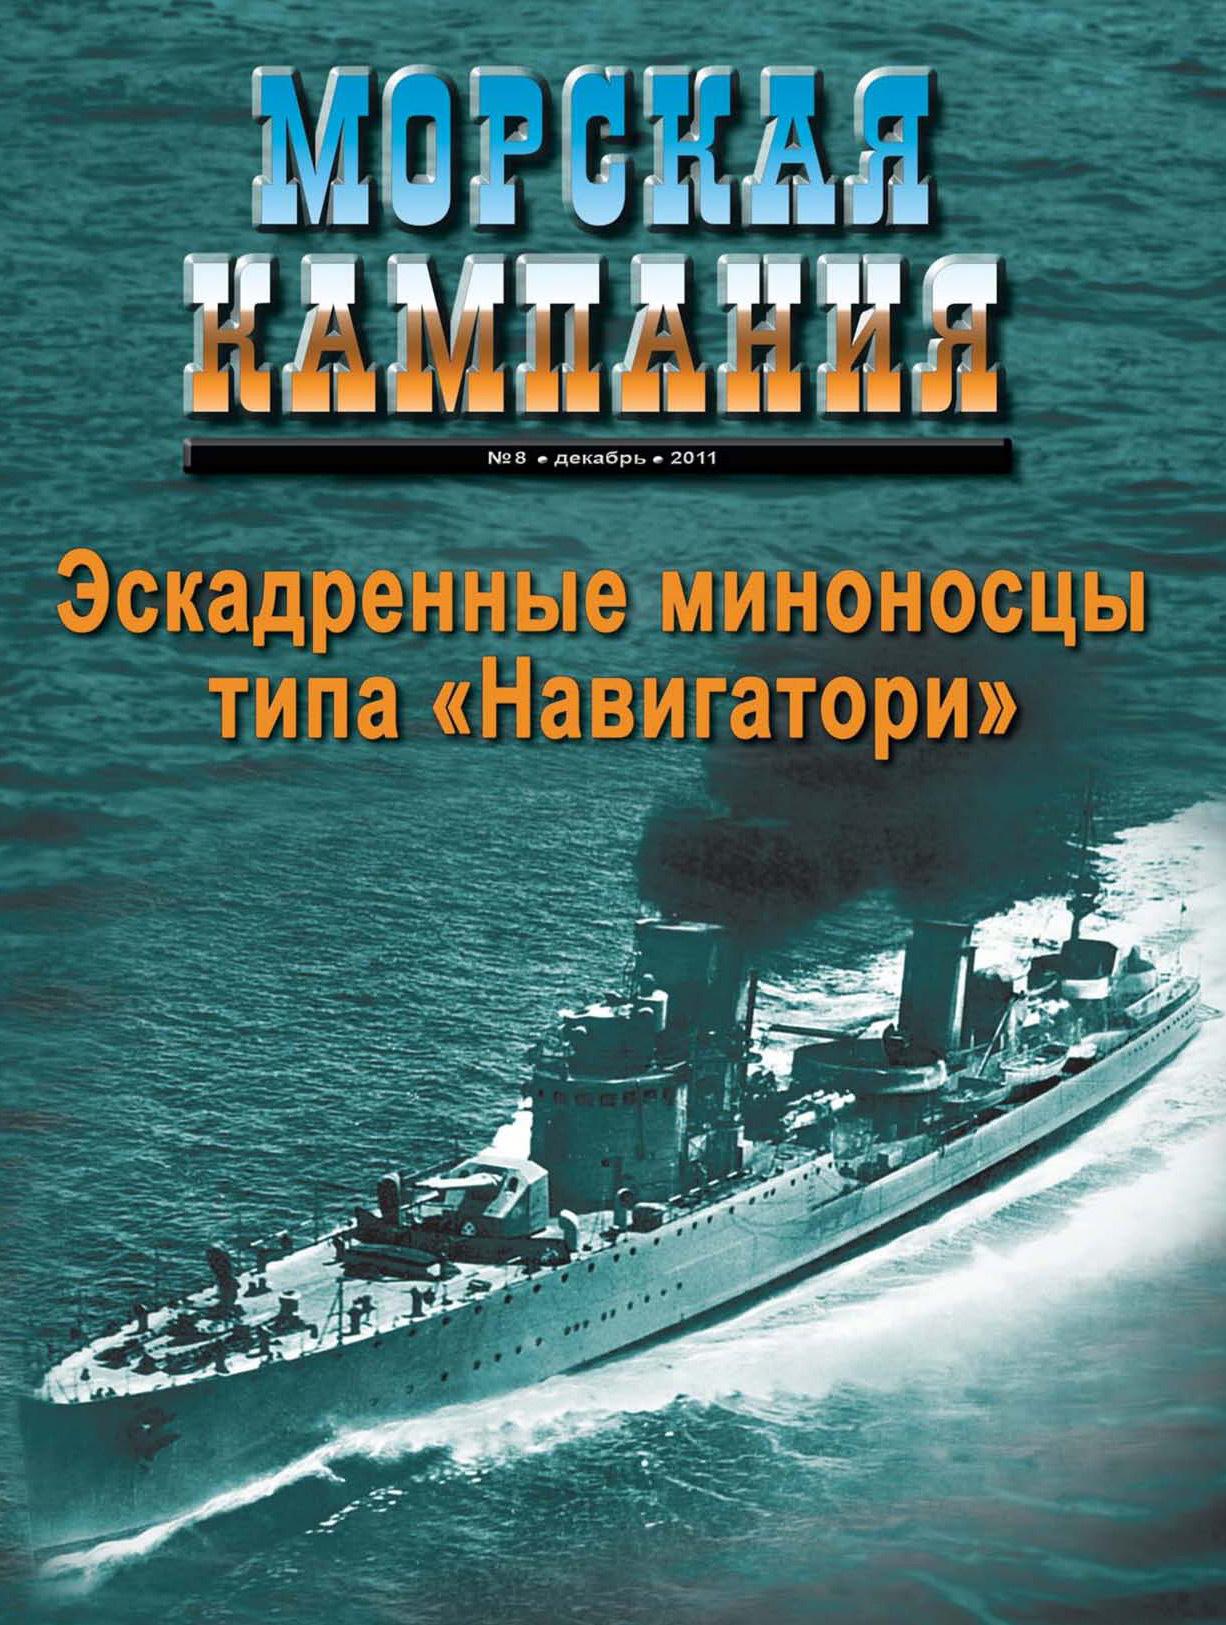 Отсутствует Морская кампания № 08/2011 куплю чехол длябронежилета б у в нижегородской области